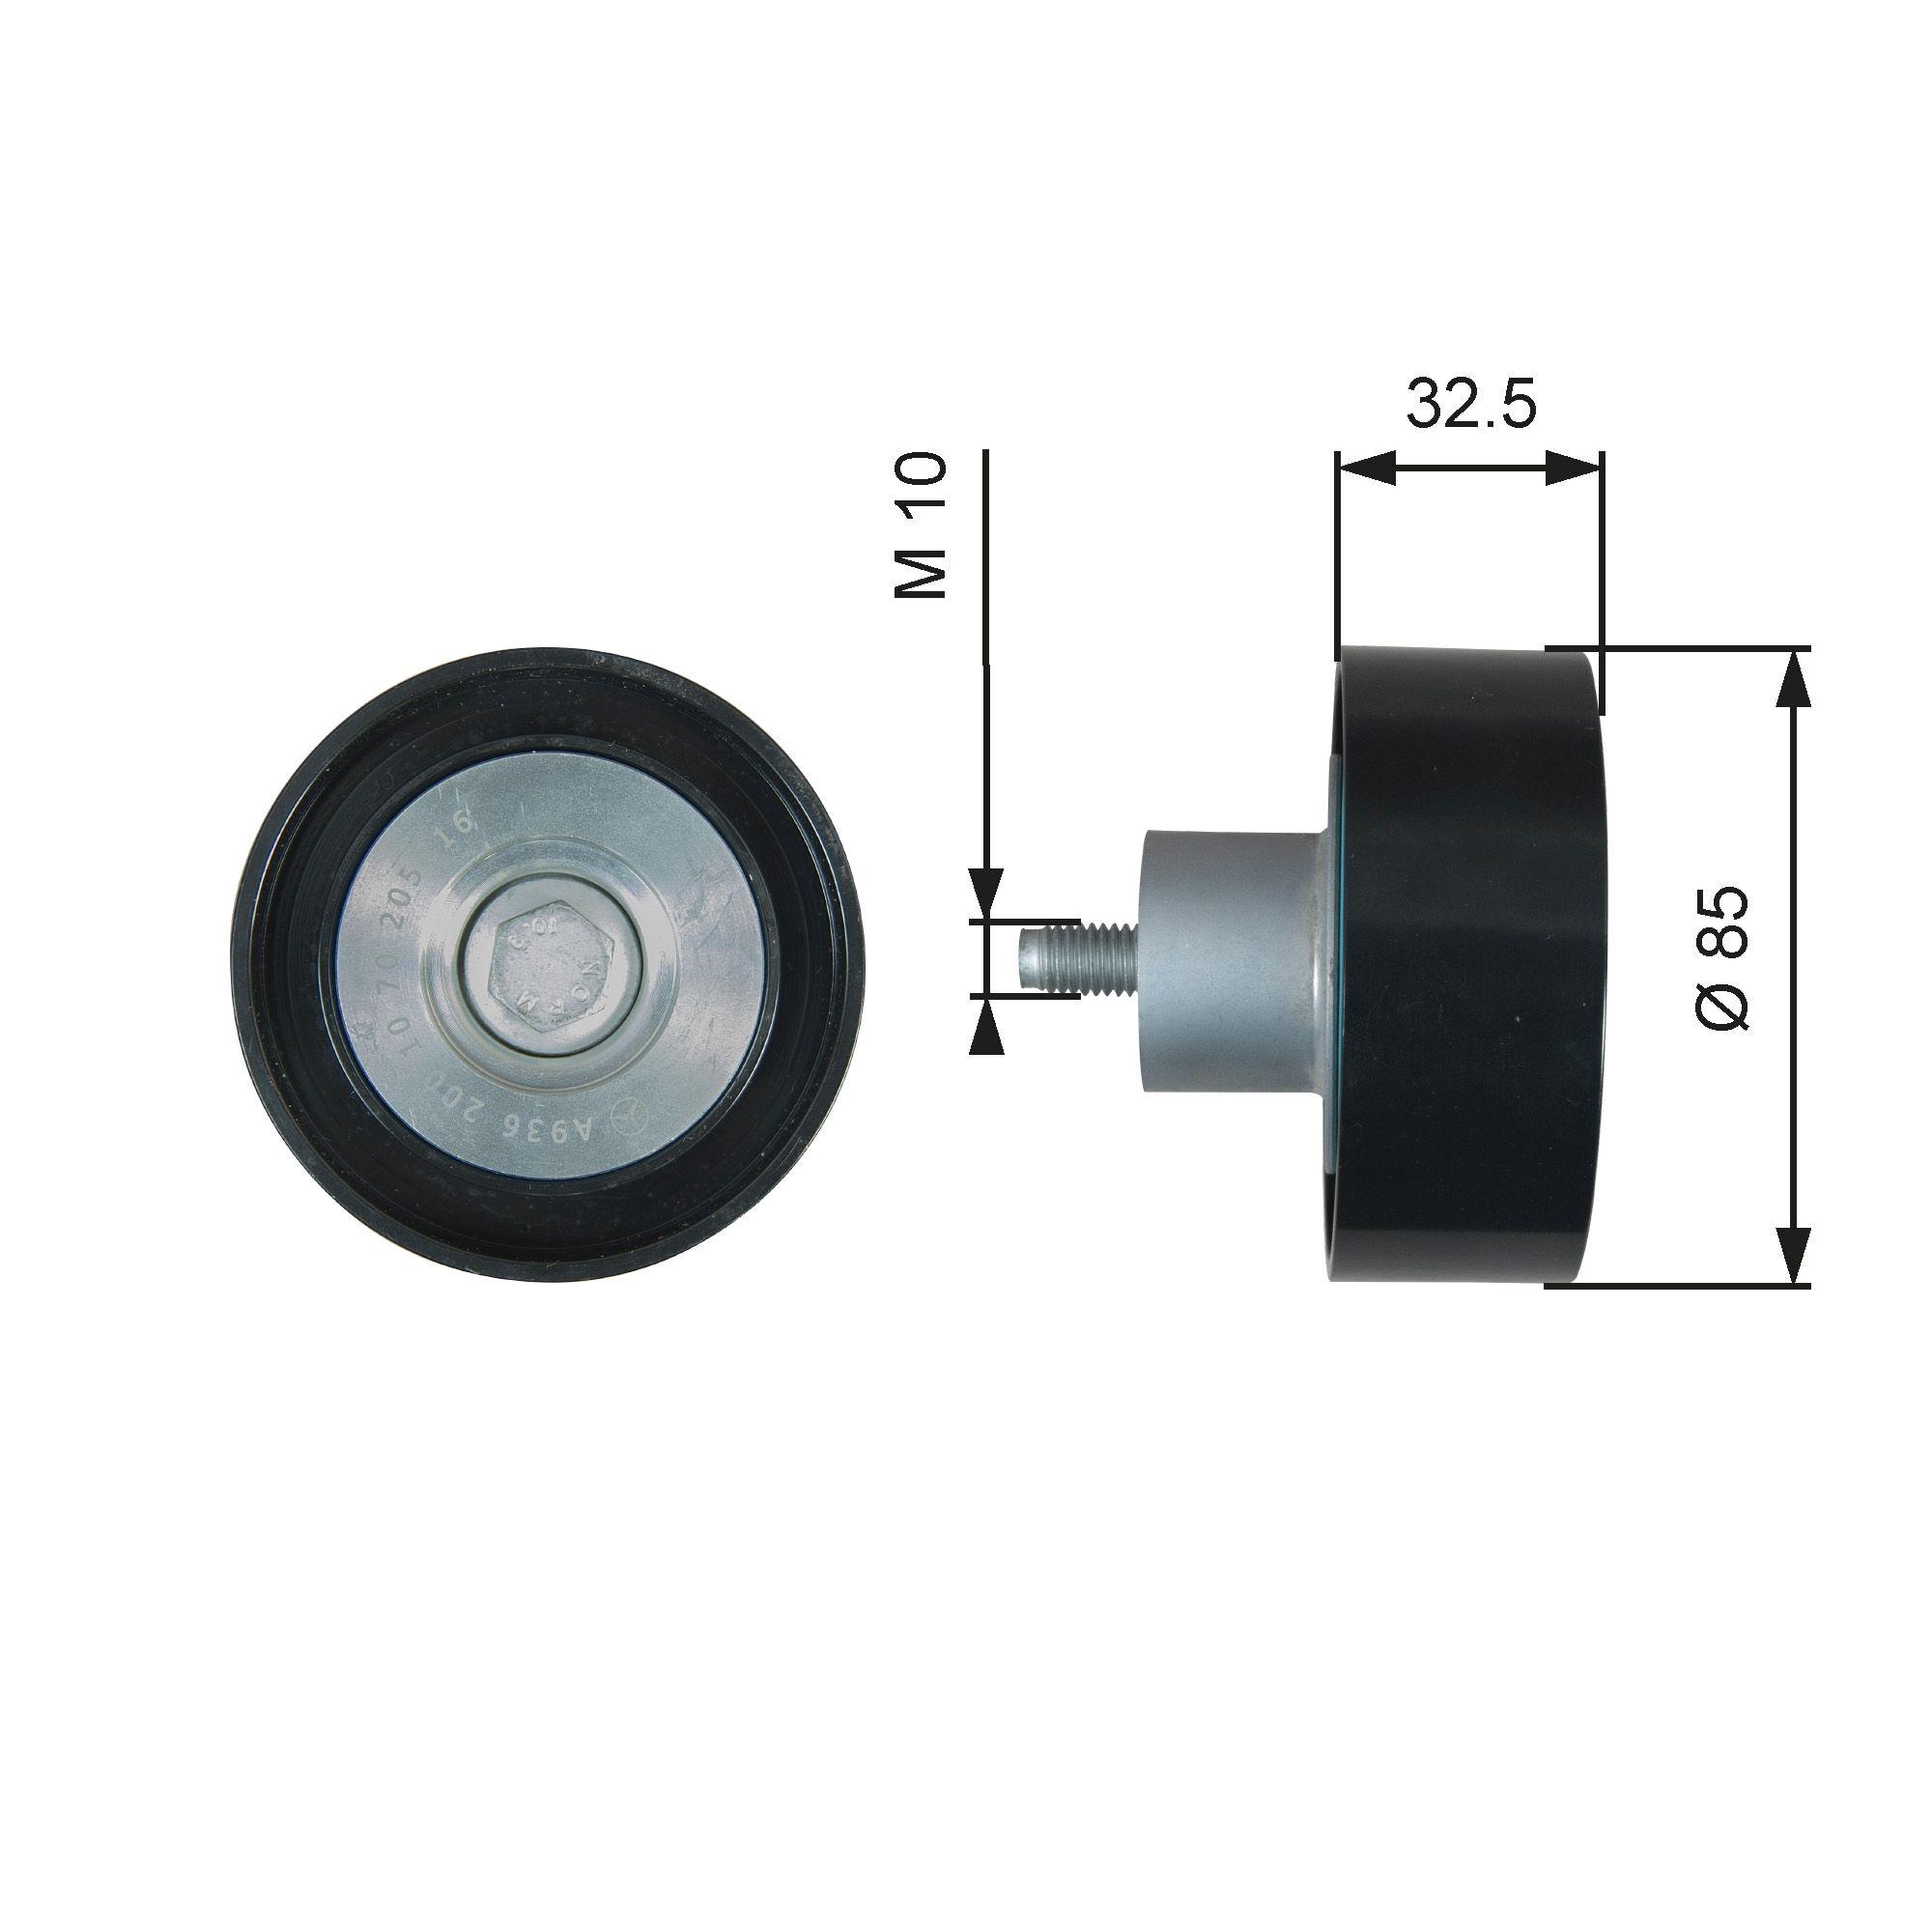 Poulie renvoi / transmission, courroie trapézoïdale à nervures GATES T36629 : achetez à prix raisonnables